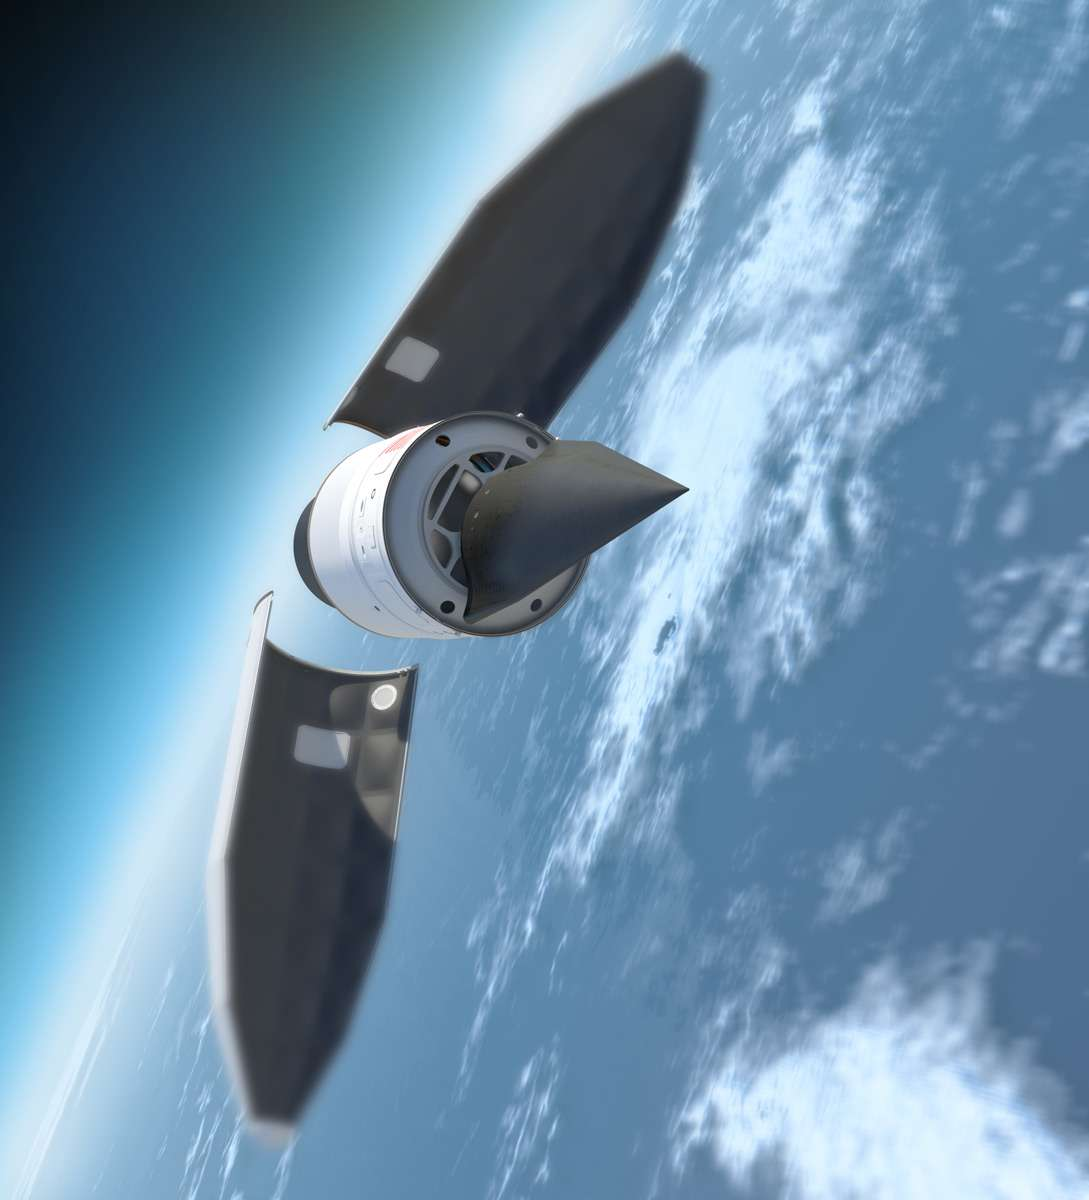 Le Falcon HTV (vue d'artiste), reconnaissable à sa forme triangulaire et à sa couleur noire, fixé sur le dernier étage de la fusée Minotaur IV, au moment où la coiffe se détache. © DR